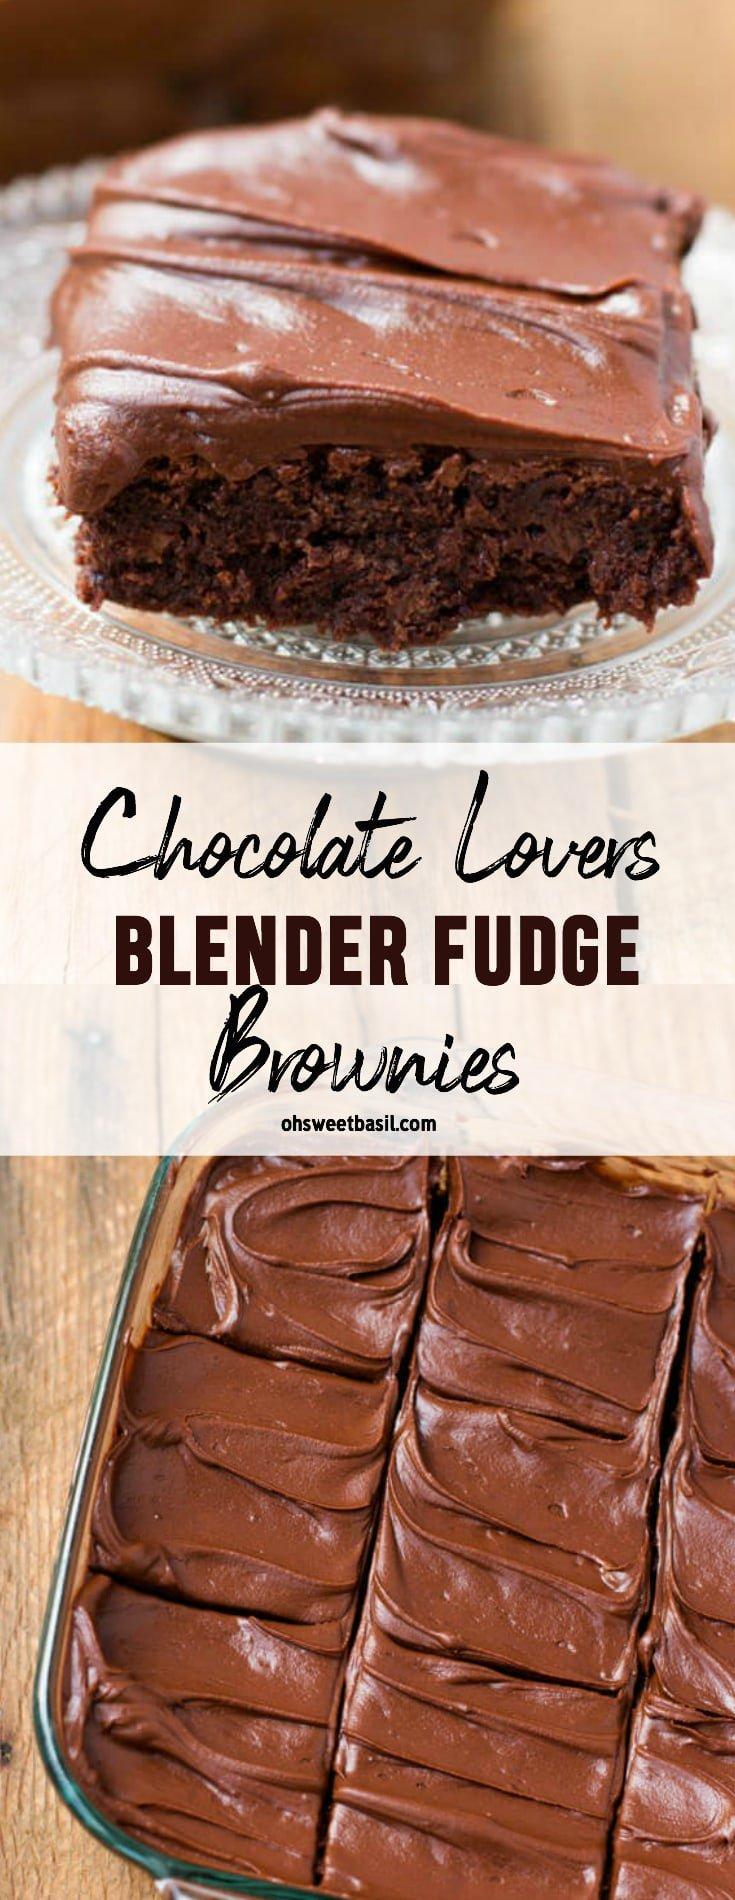 Chocolate Lovers Blender Fudge Brownies Oh Sweet Basil